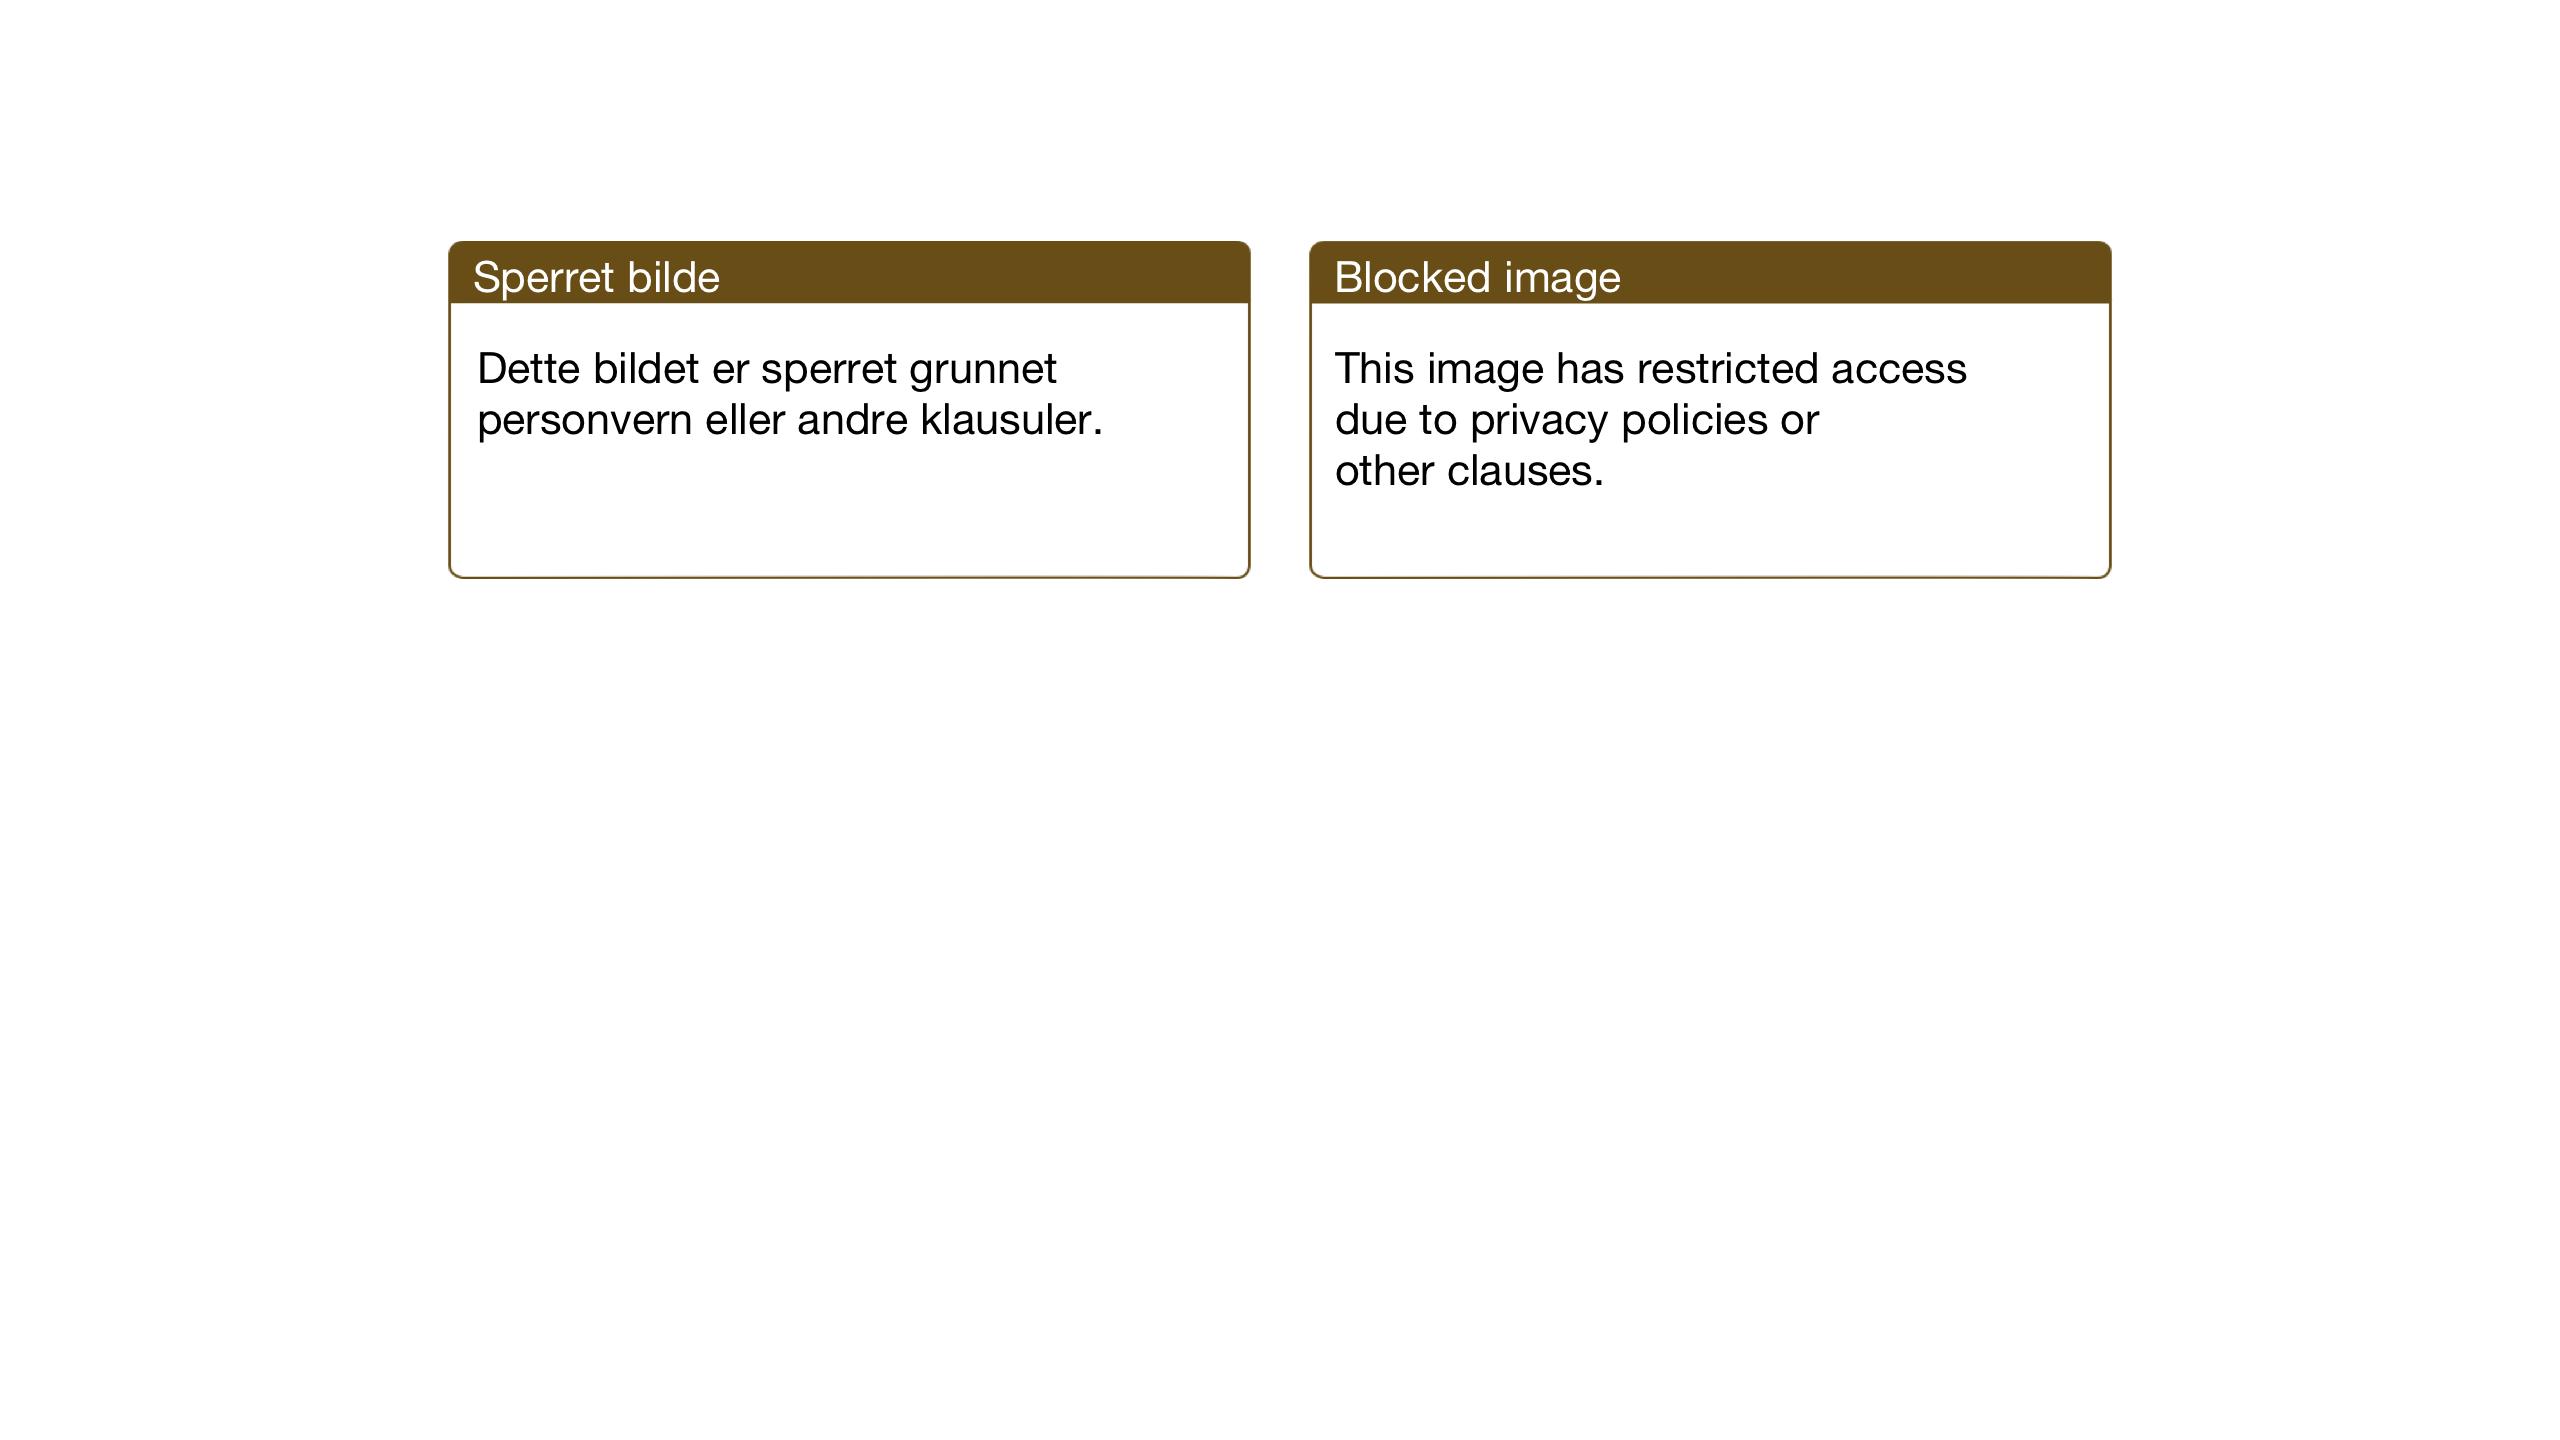 SAT, Ministerialprotokoller, klokkerbøker og fødselsregistre - Nord-Trøndelag, 733/L0328: Klokkerbok nr. 733C03, 1919-1966, s. 75